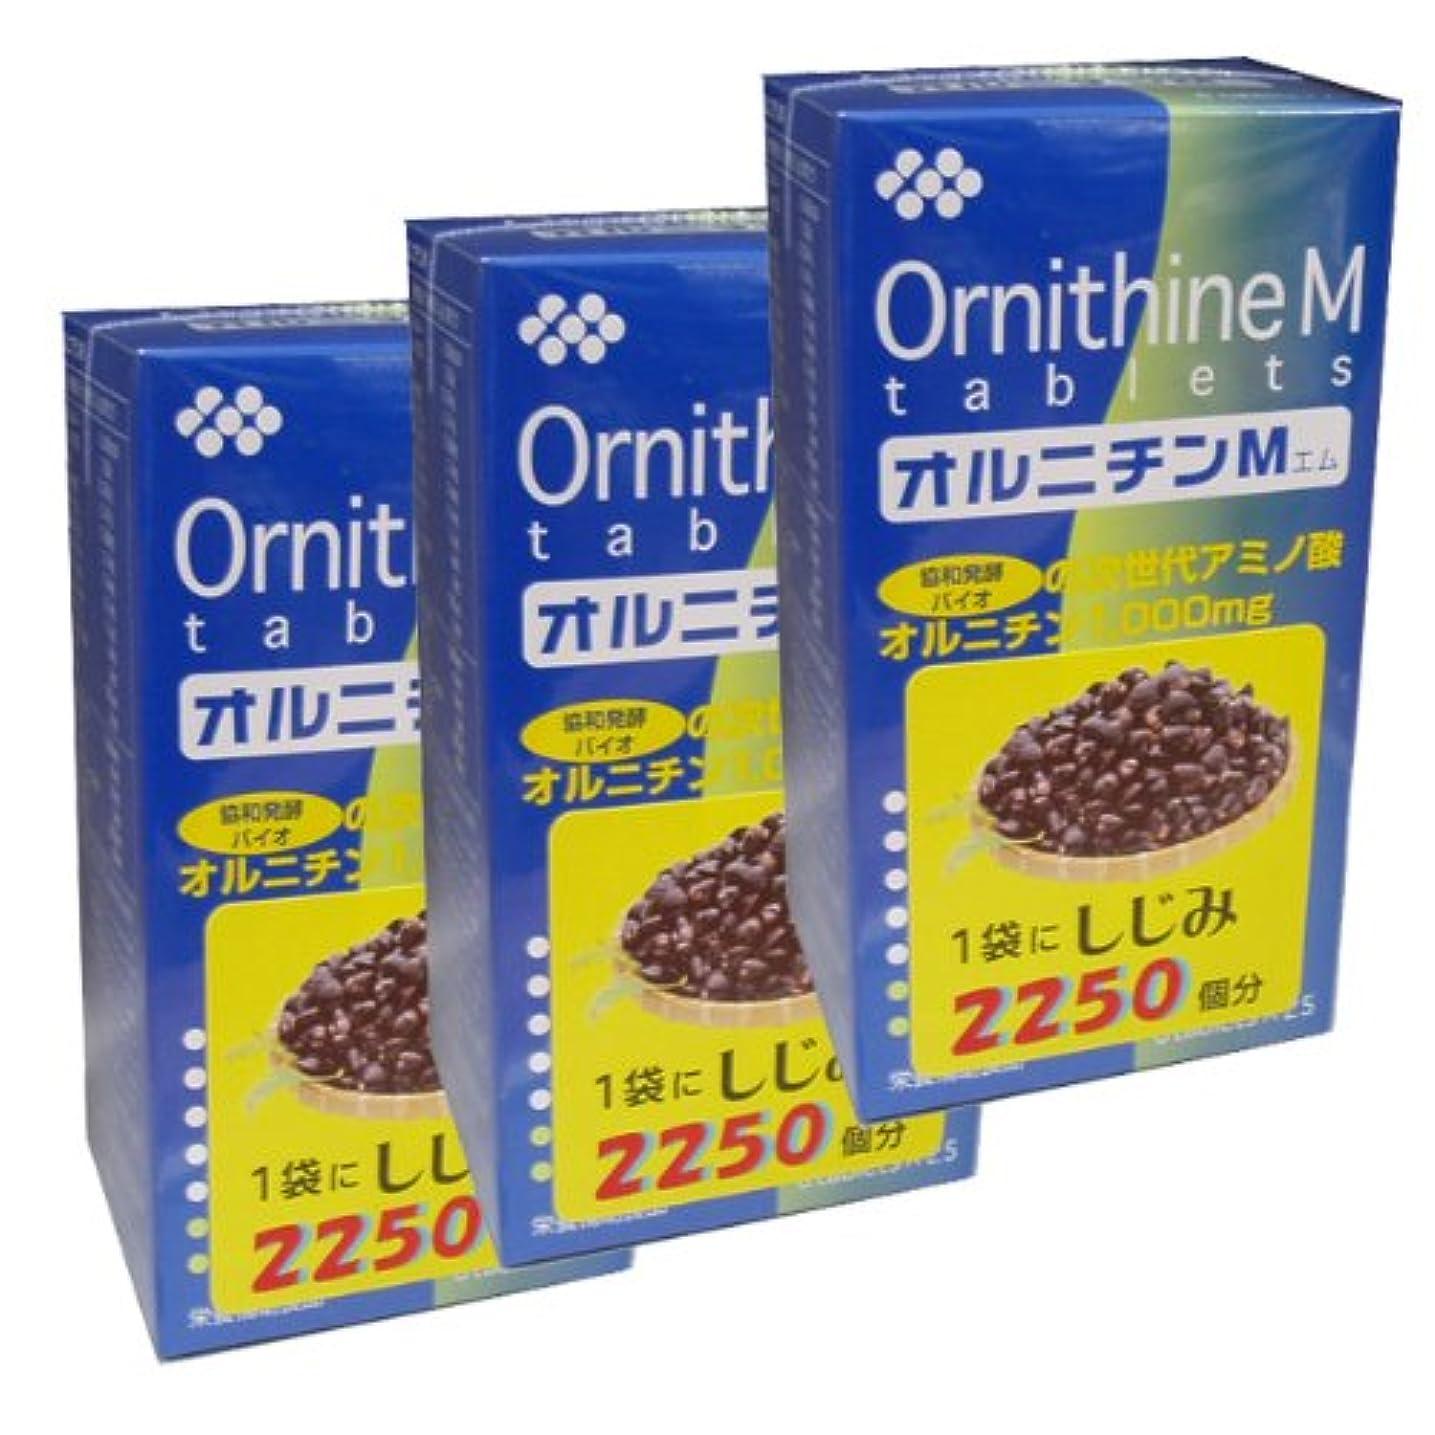 死公演広大な協和発酵オルニチンM (6粒×25袋)×3個セット